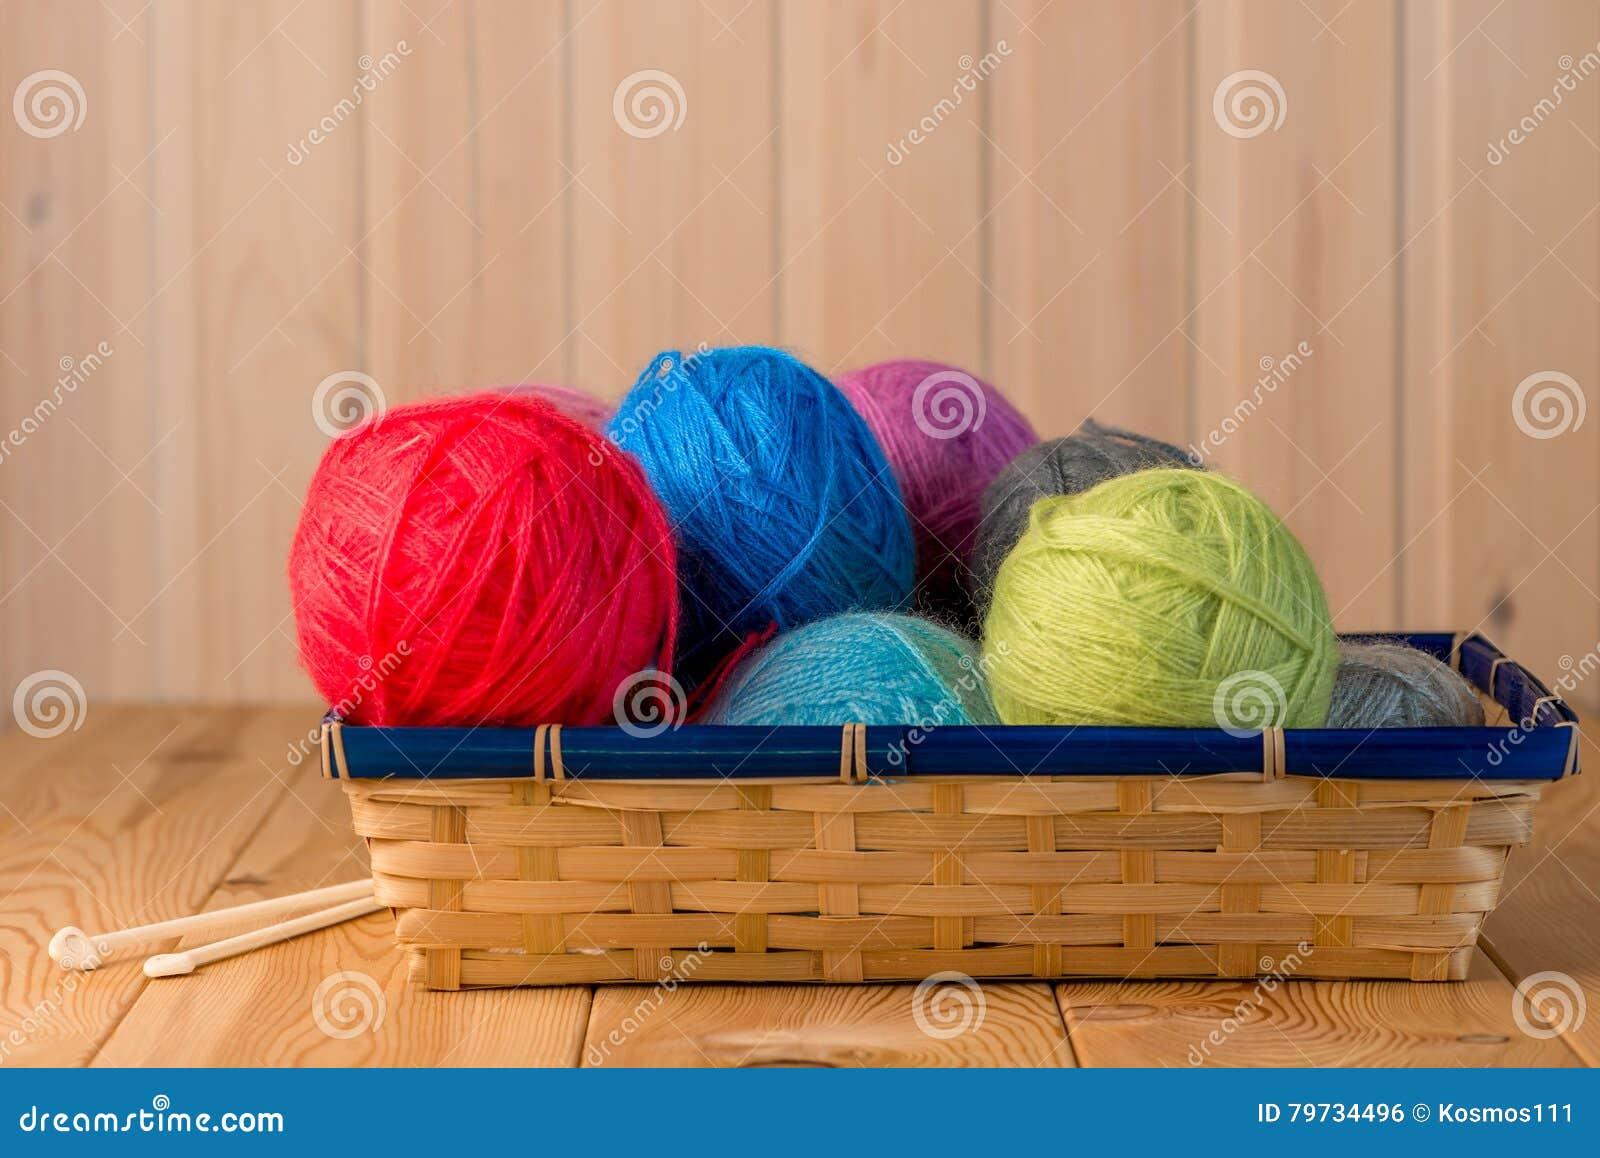 Cesta de la paja llena por completo de hilos de lana